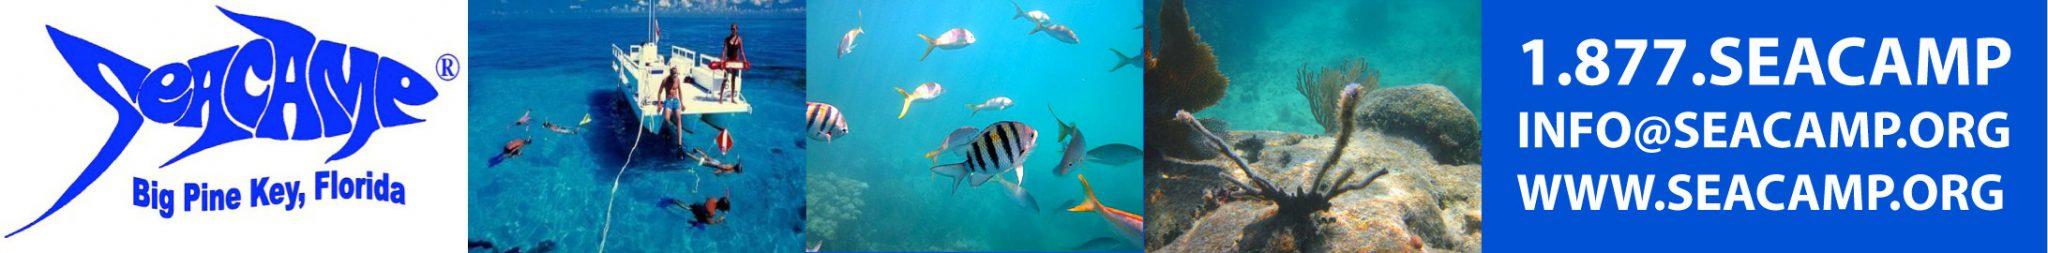 Seacamp